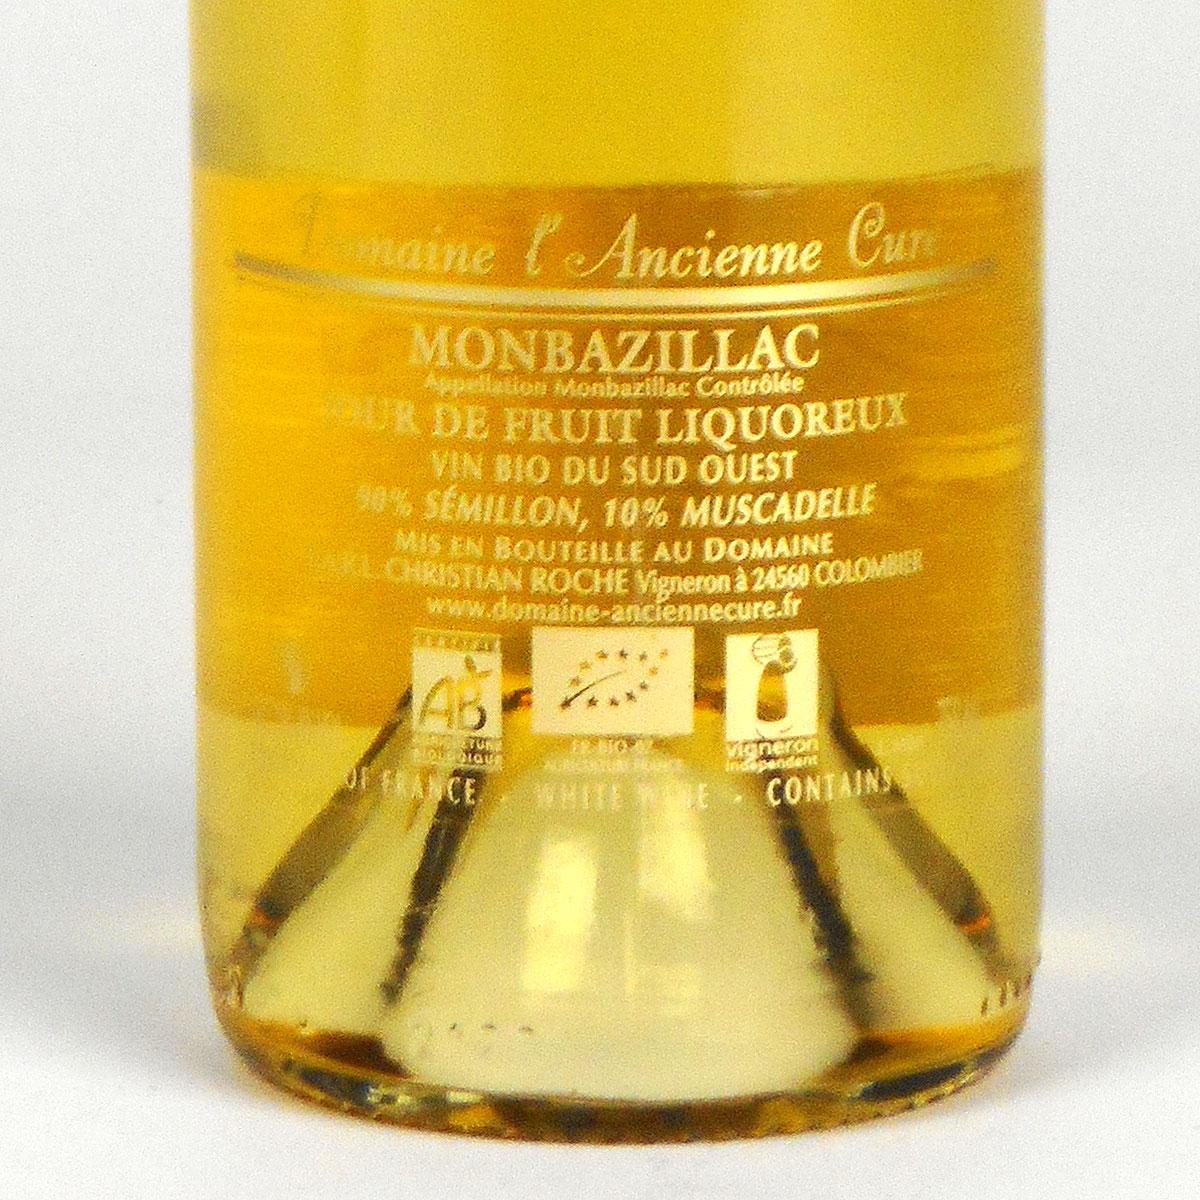 Monbazillac: Domaine de l'Ancienne Cure 2017 - Bottle Rear Label